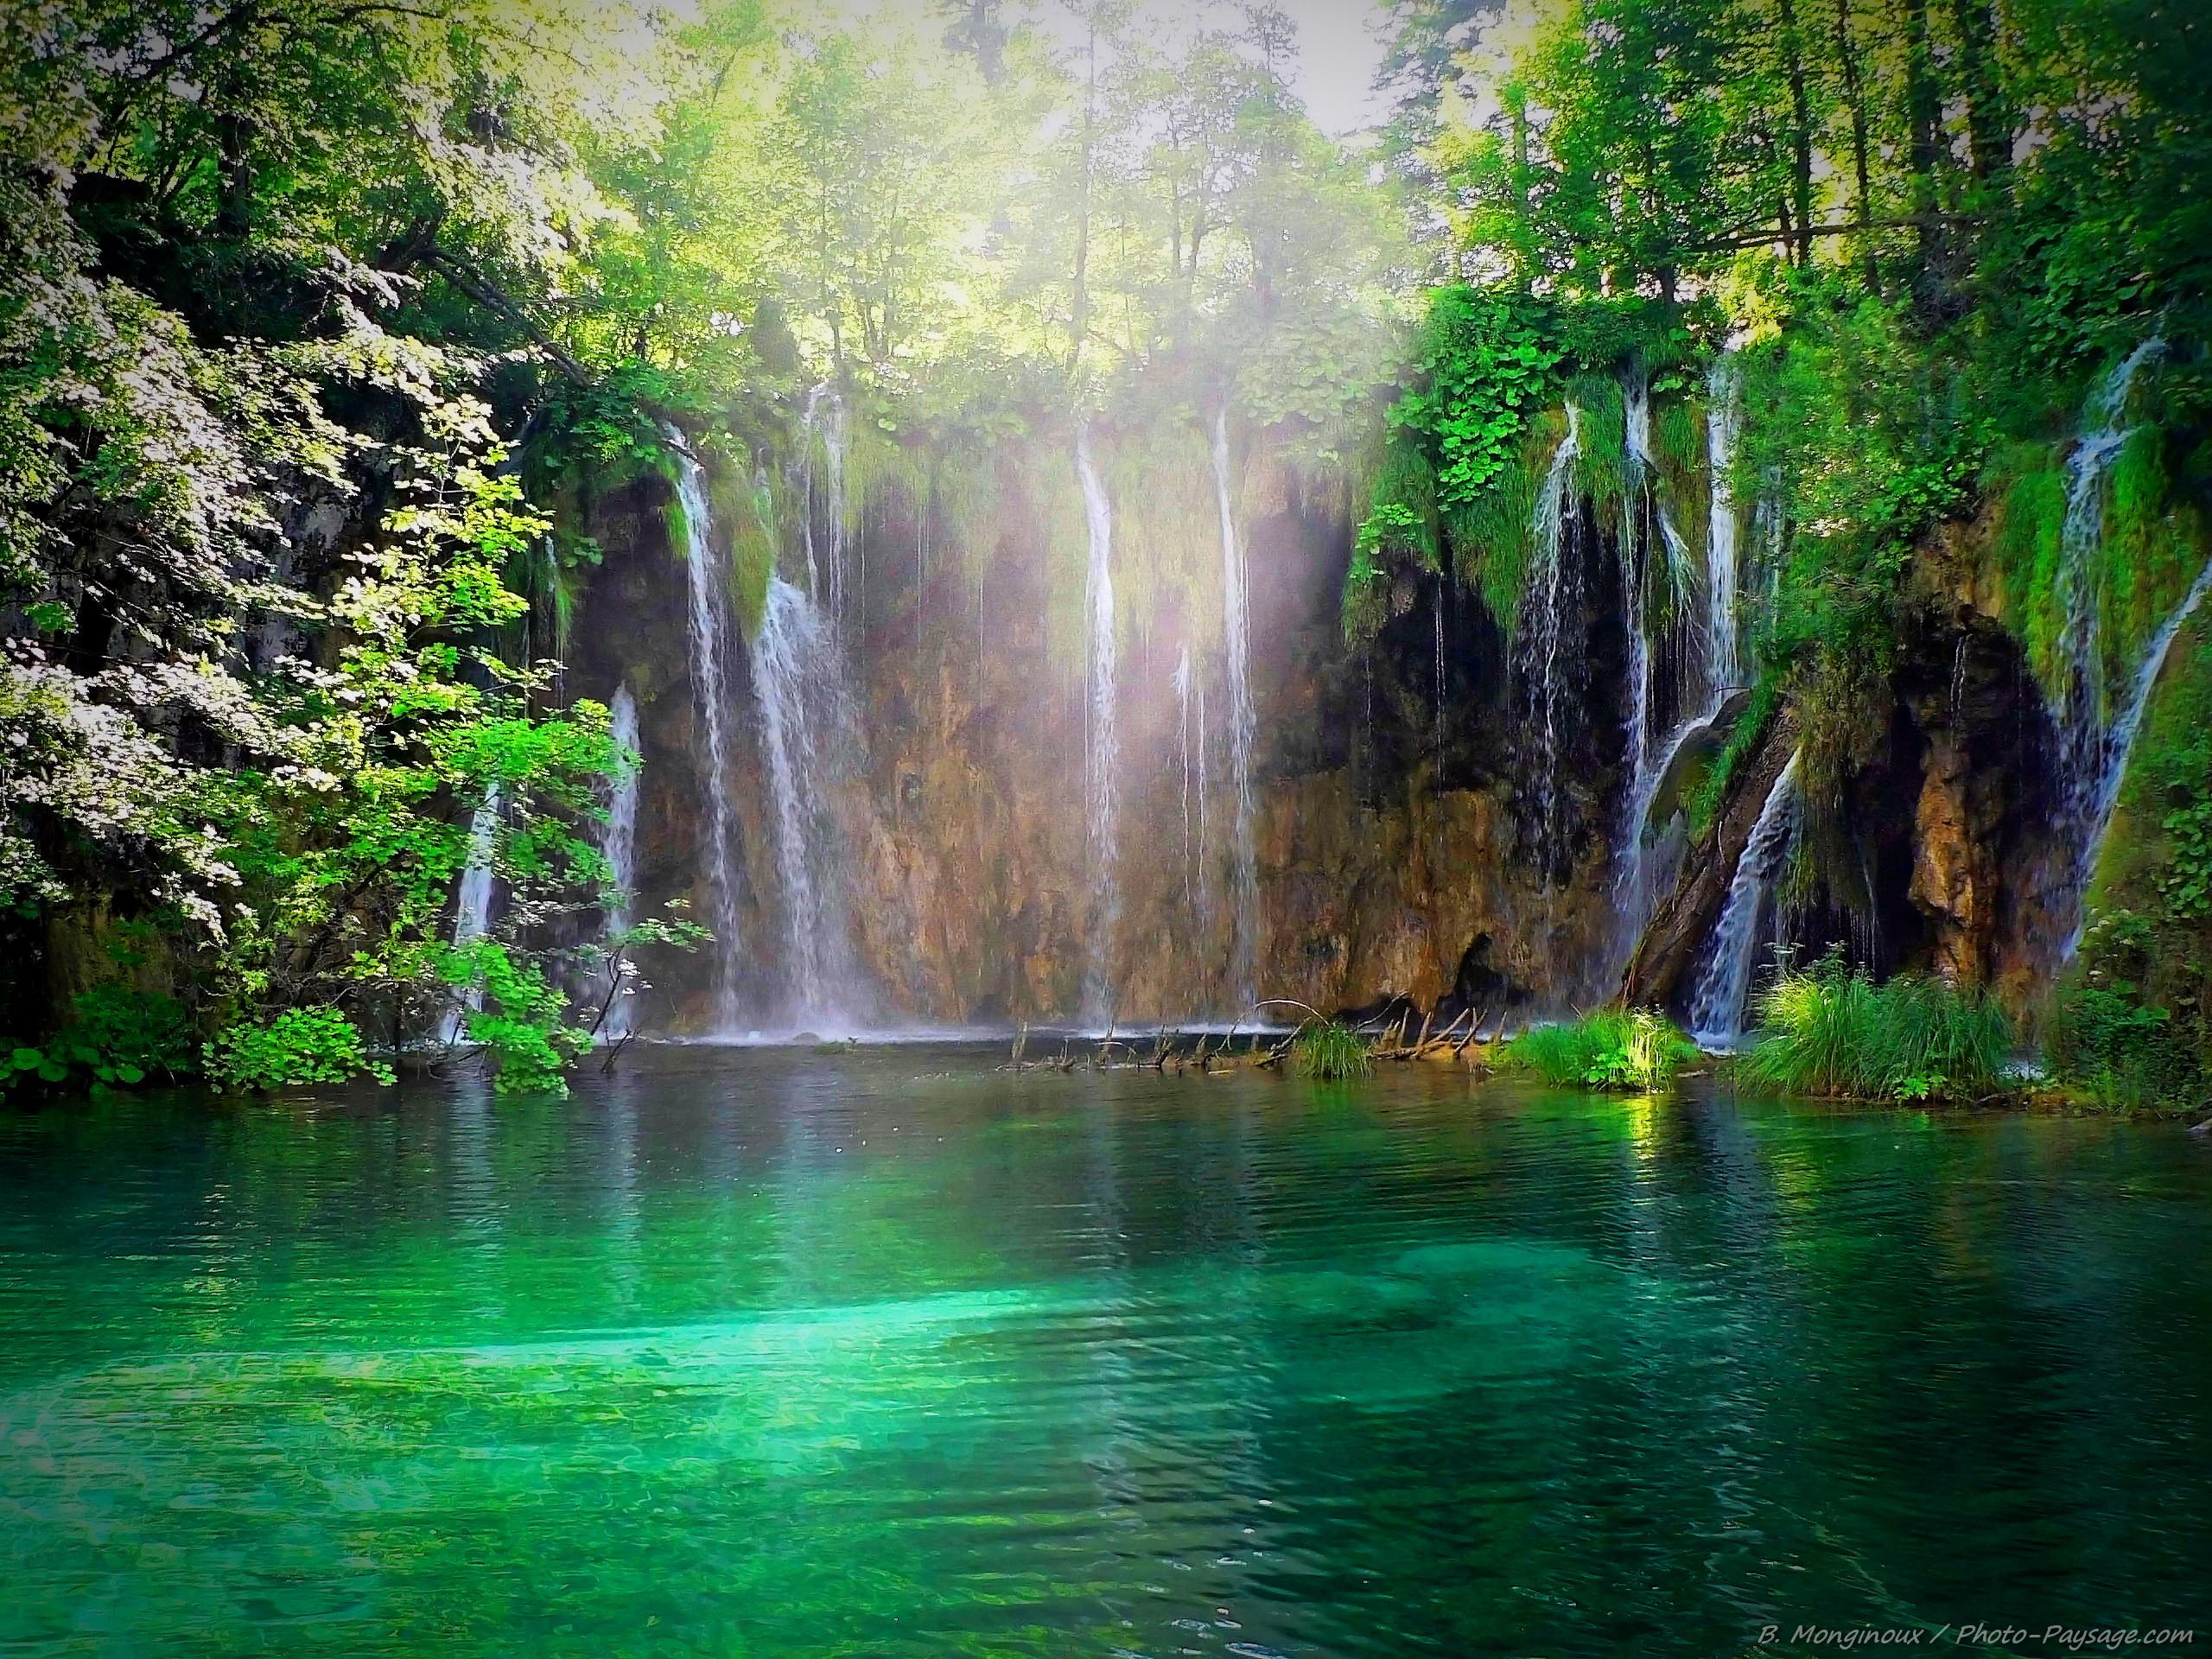 http://www.photo-paysage.com/albums/Paysages/Lac-riviere-cascade/croatie-lacs-plitvice-cascades-7.jpg